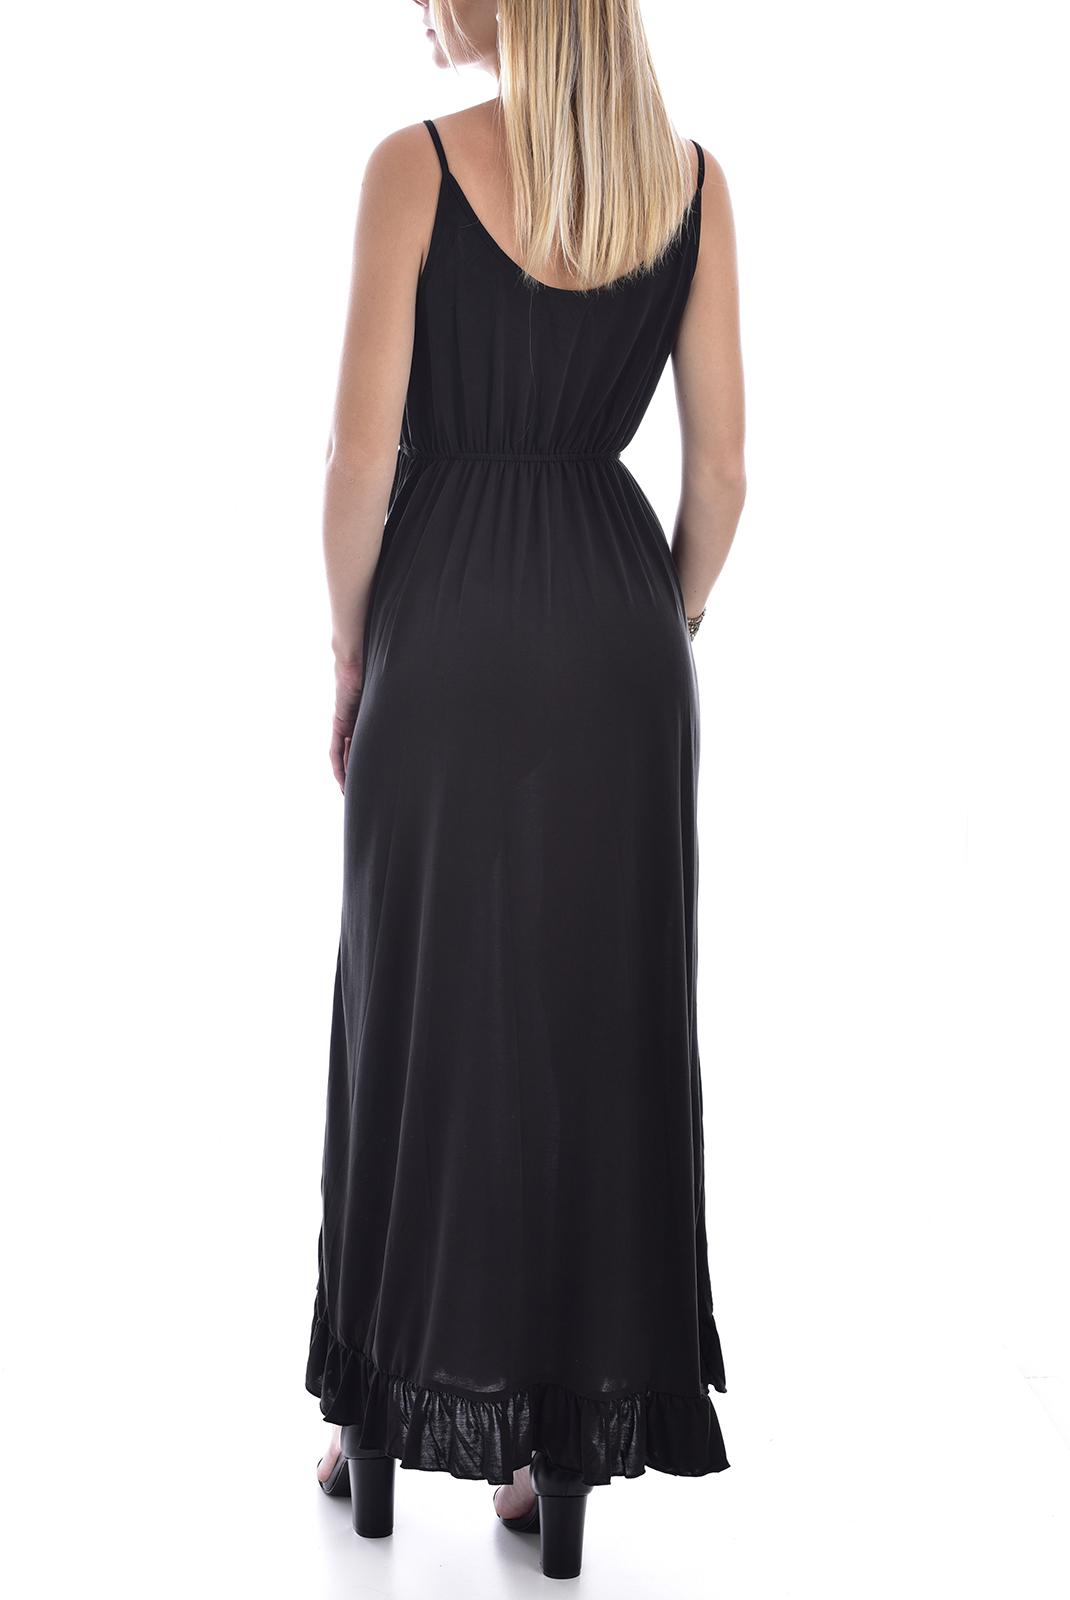 Robes  Molly bracken E1349E20 BLACK